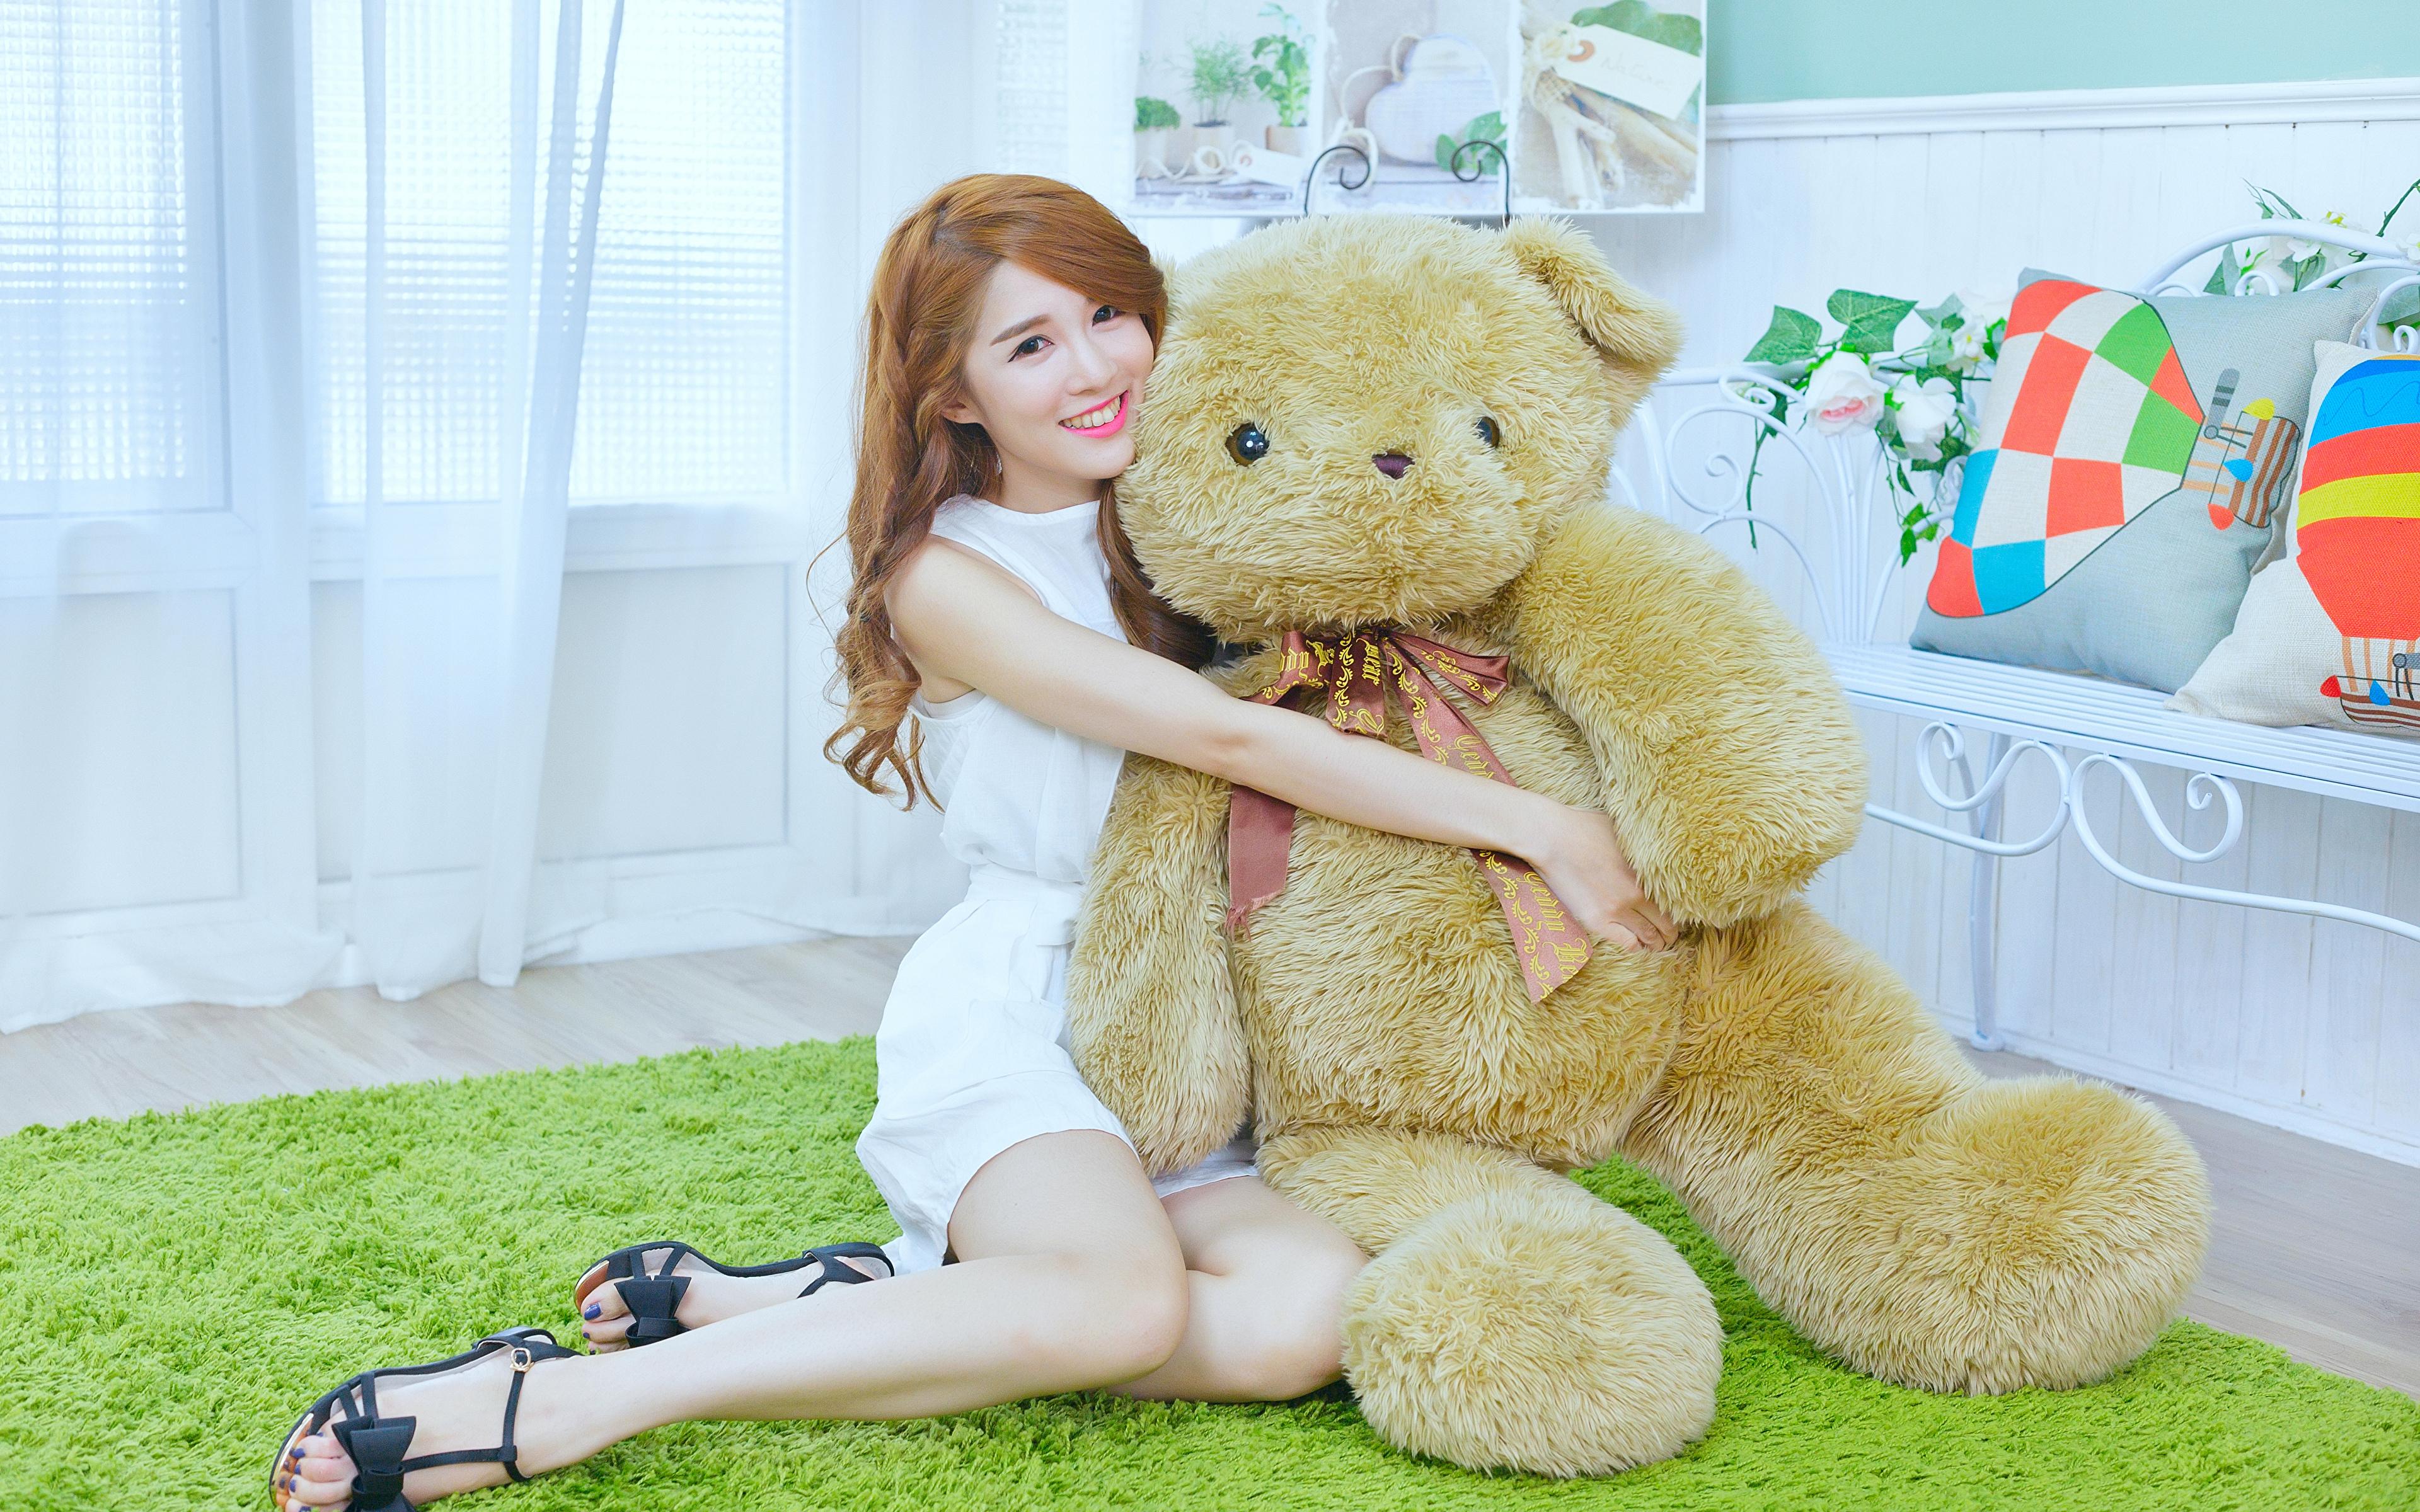 девушка медведь плюшевый  № 351120 загрузить